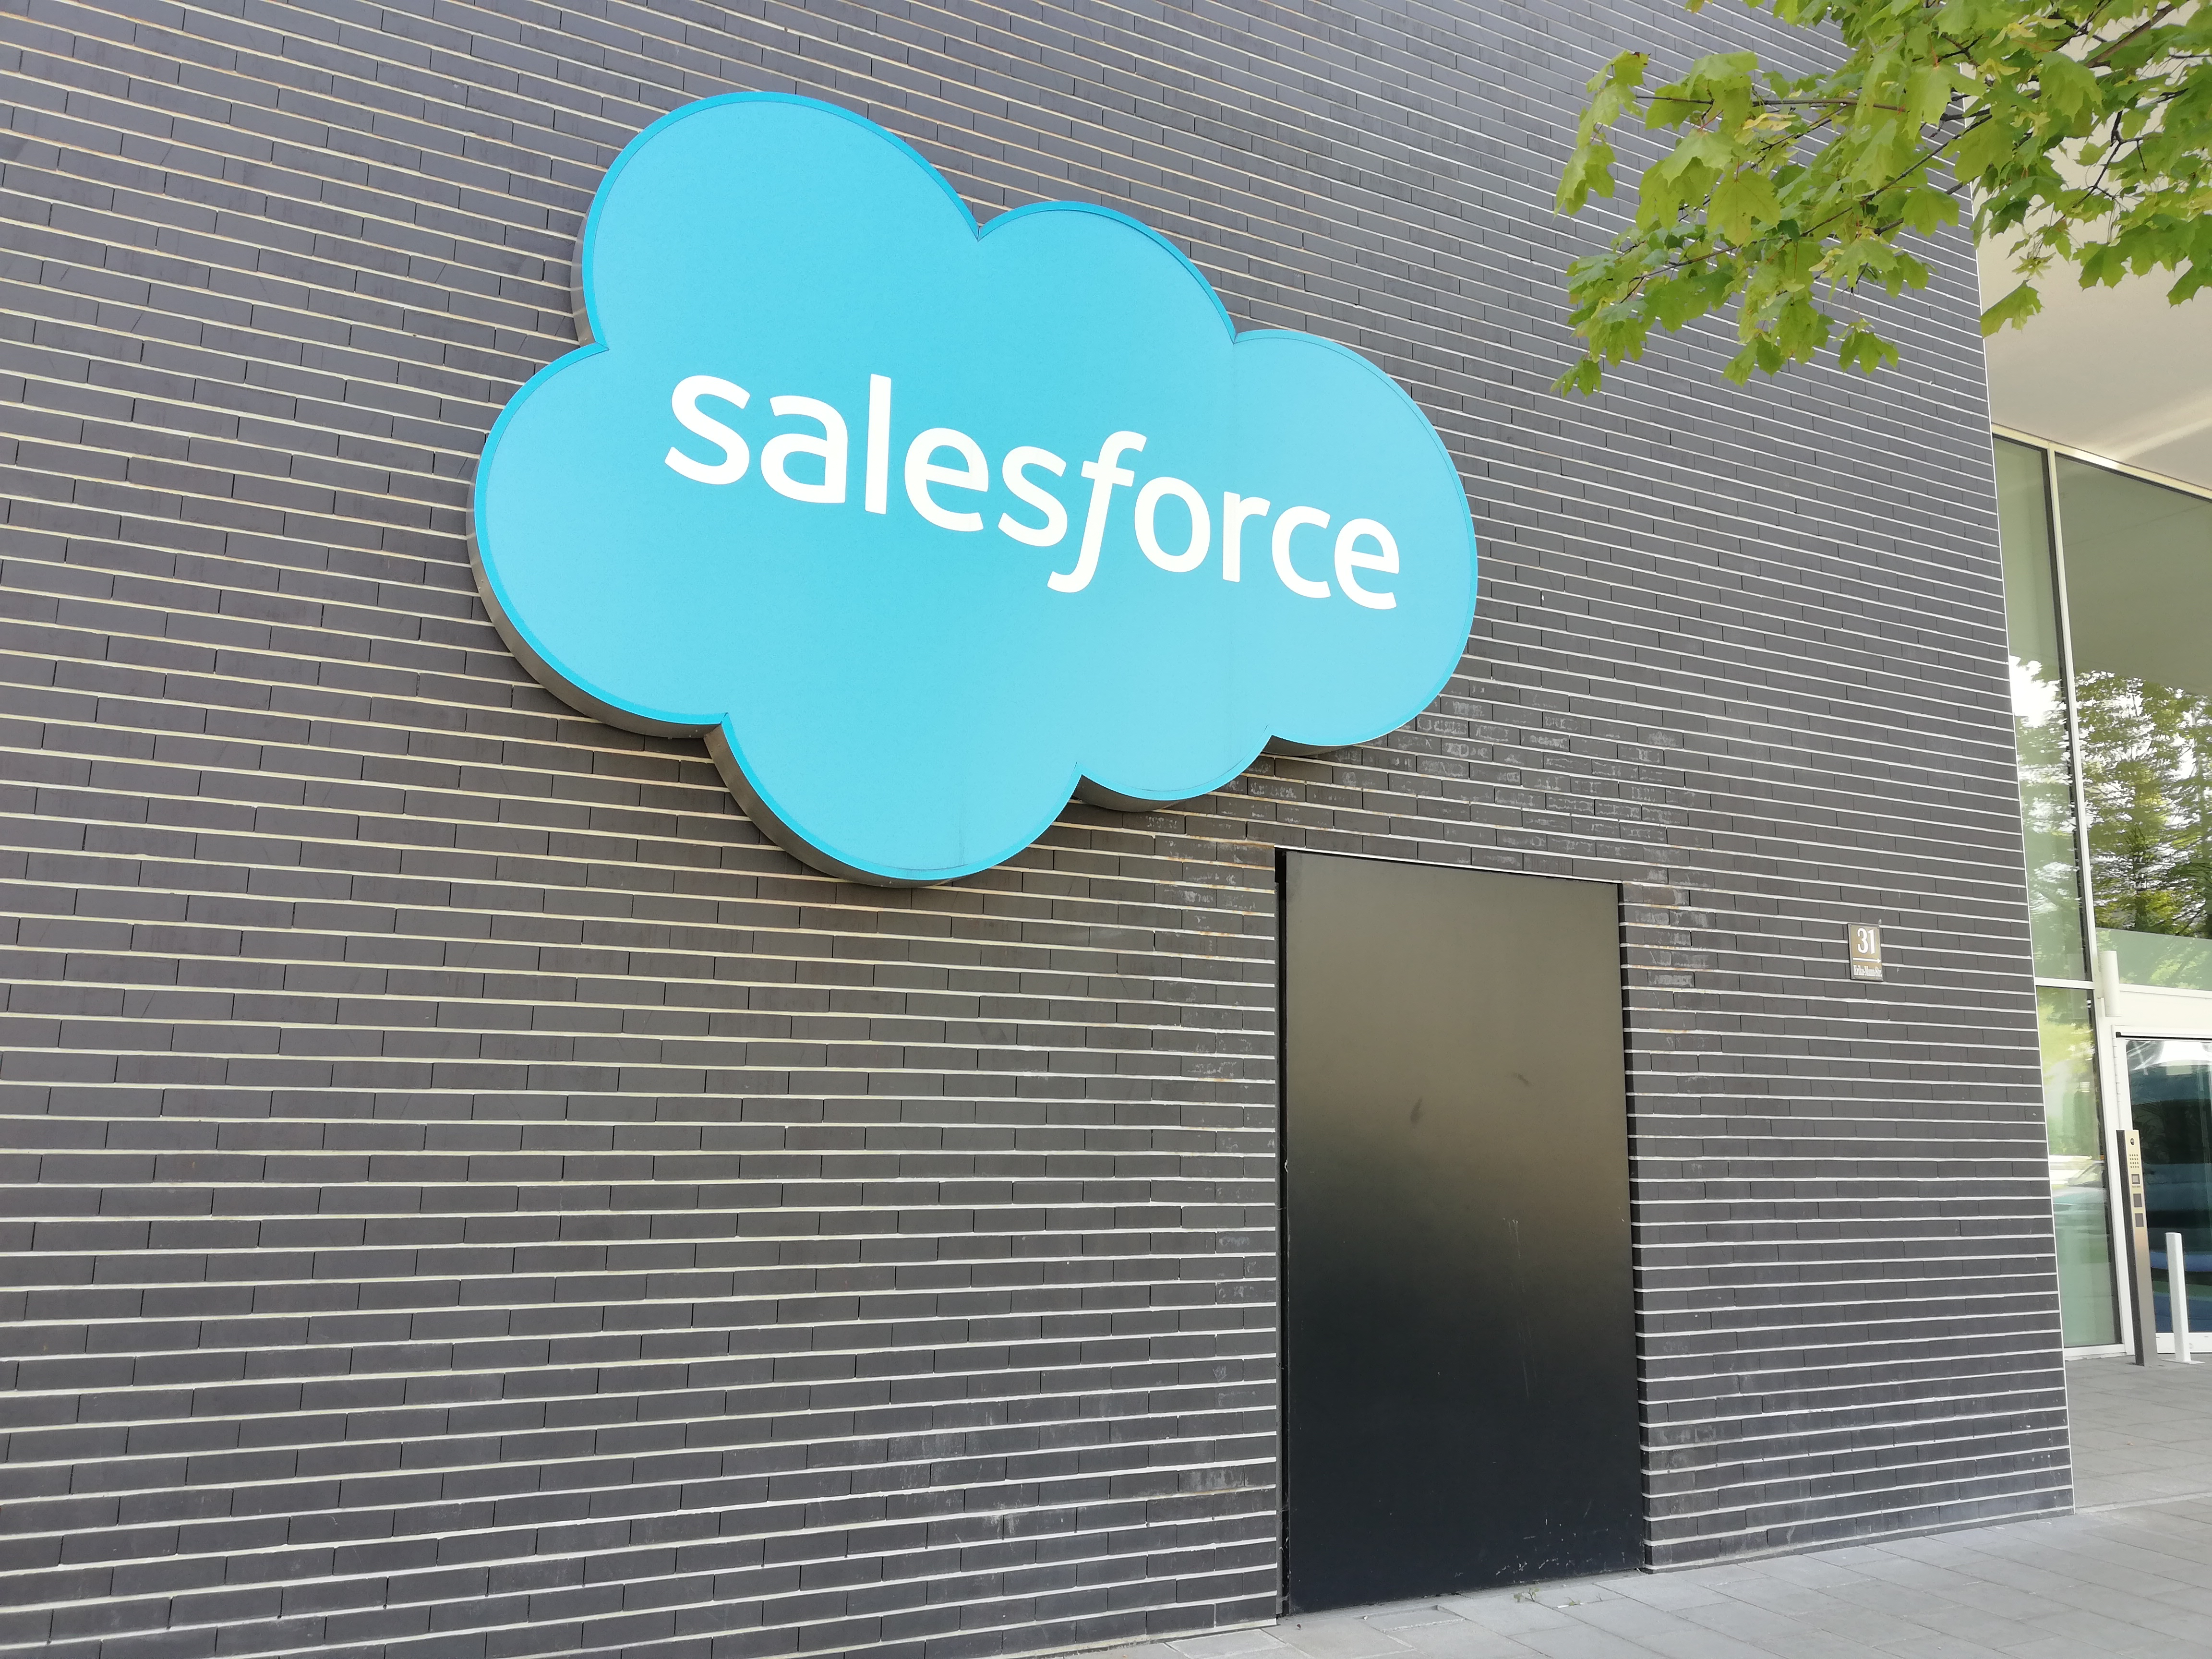 File:Germany Munich Salesforce logo jpg - Wikimedia Commons